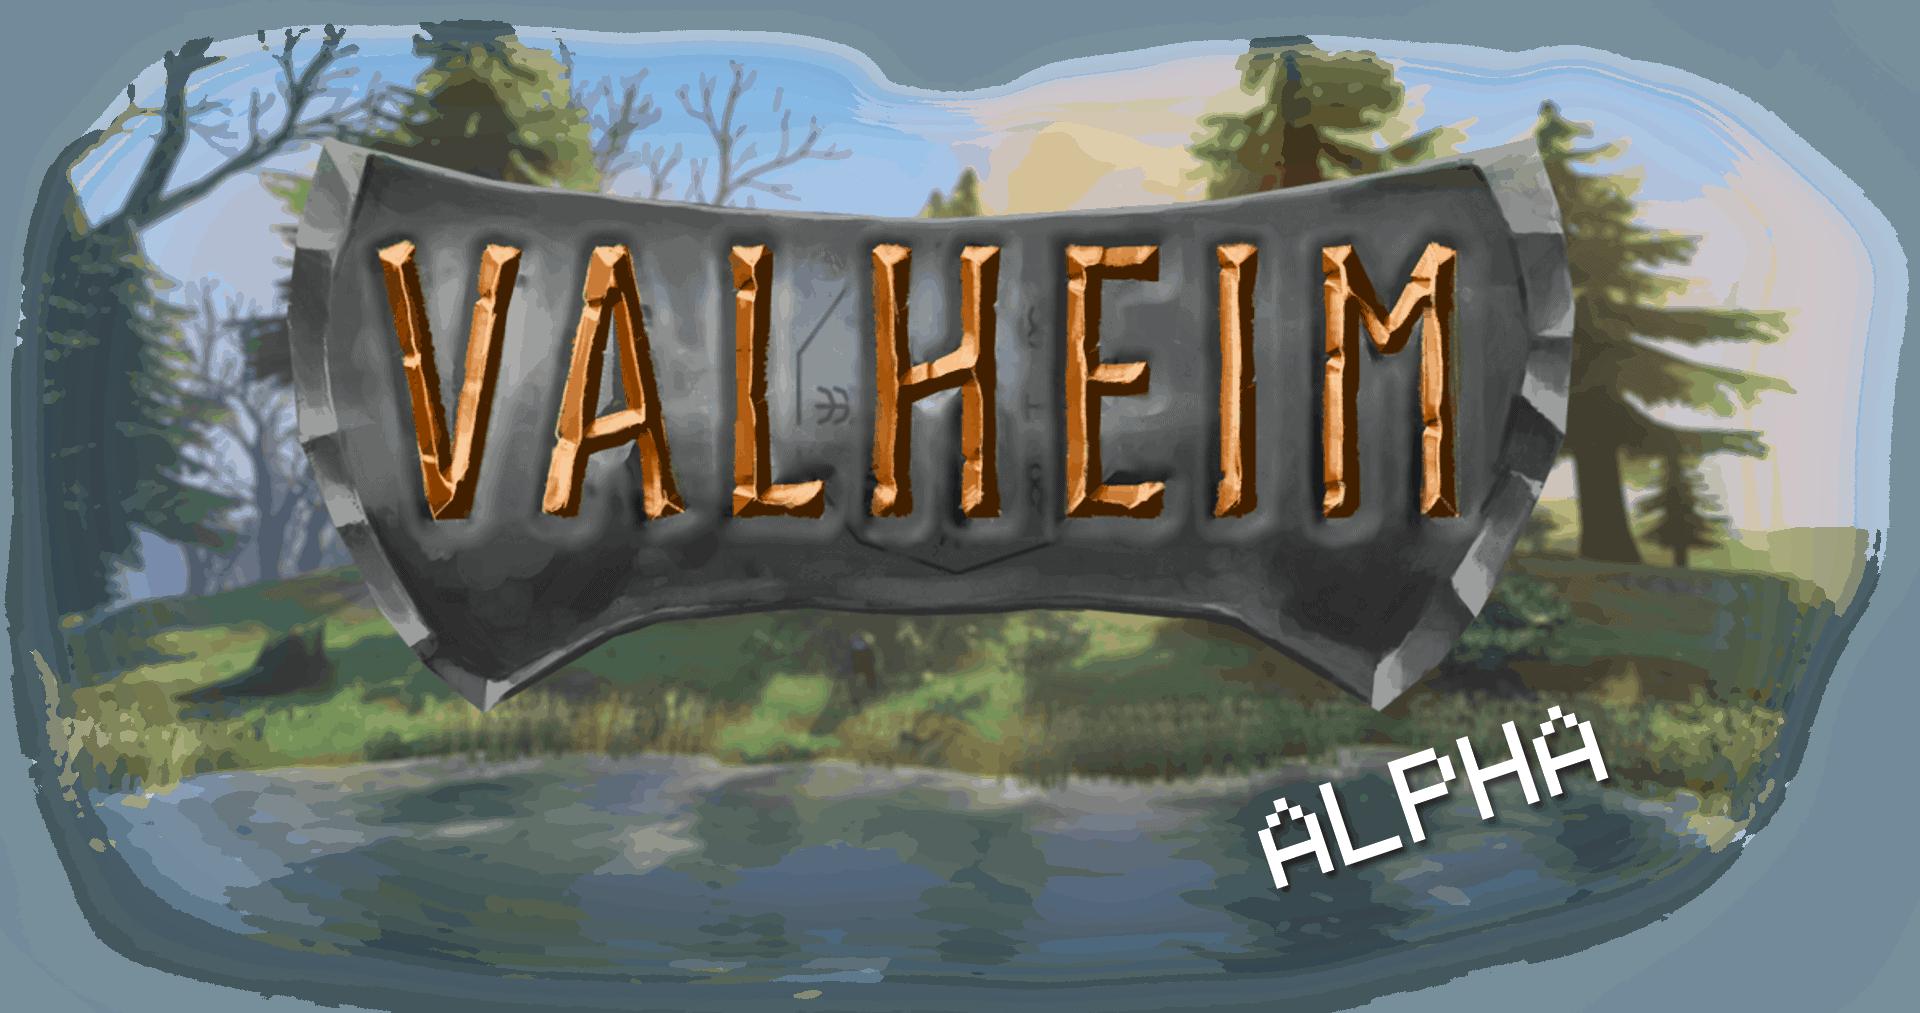 cual es la mejor armadura de valheim